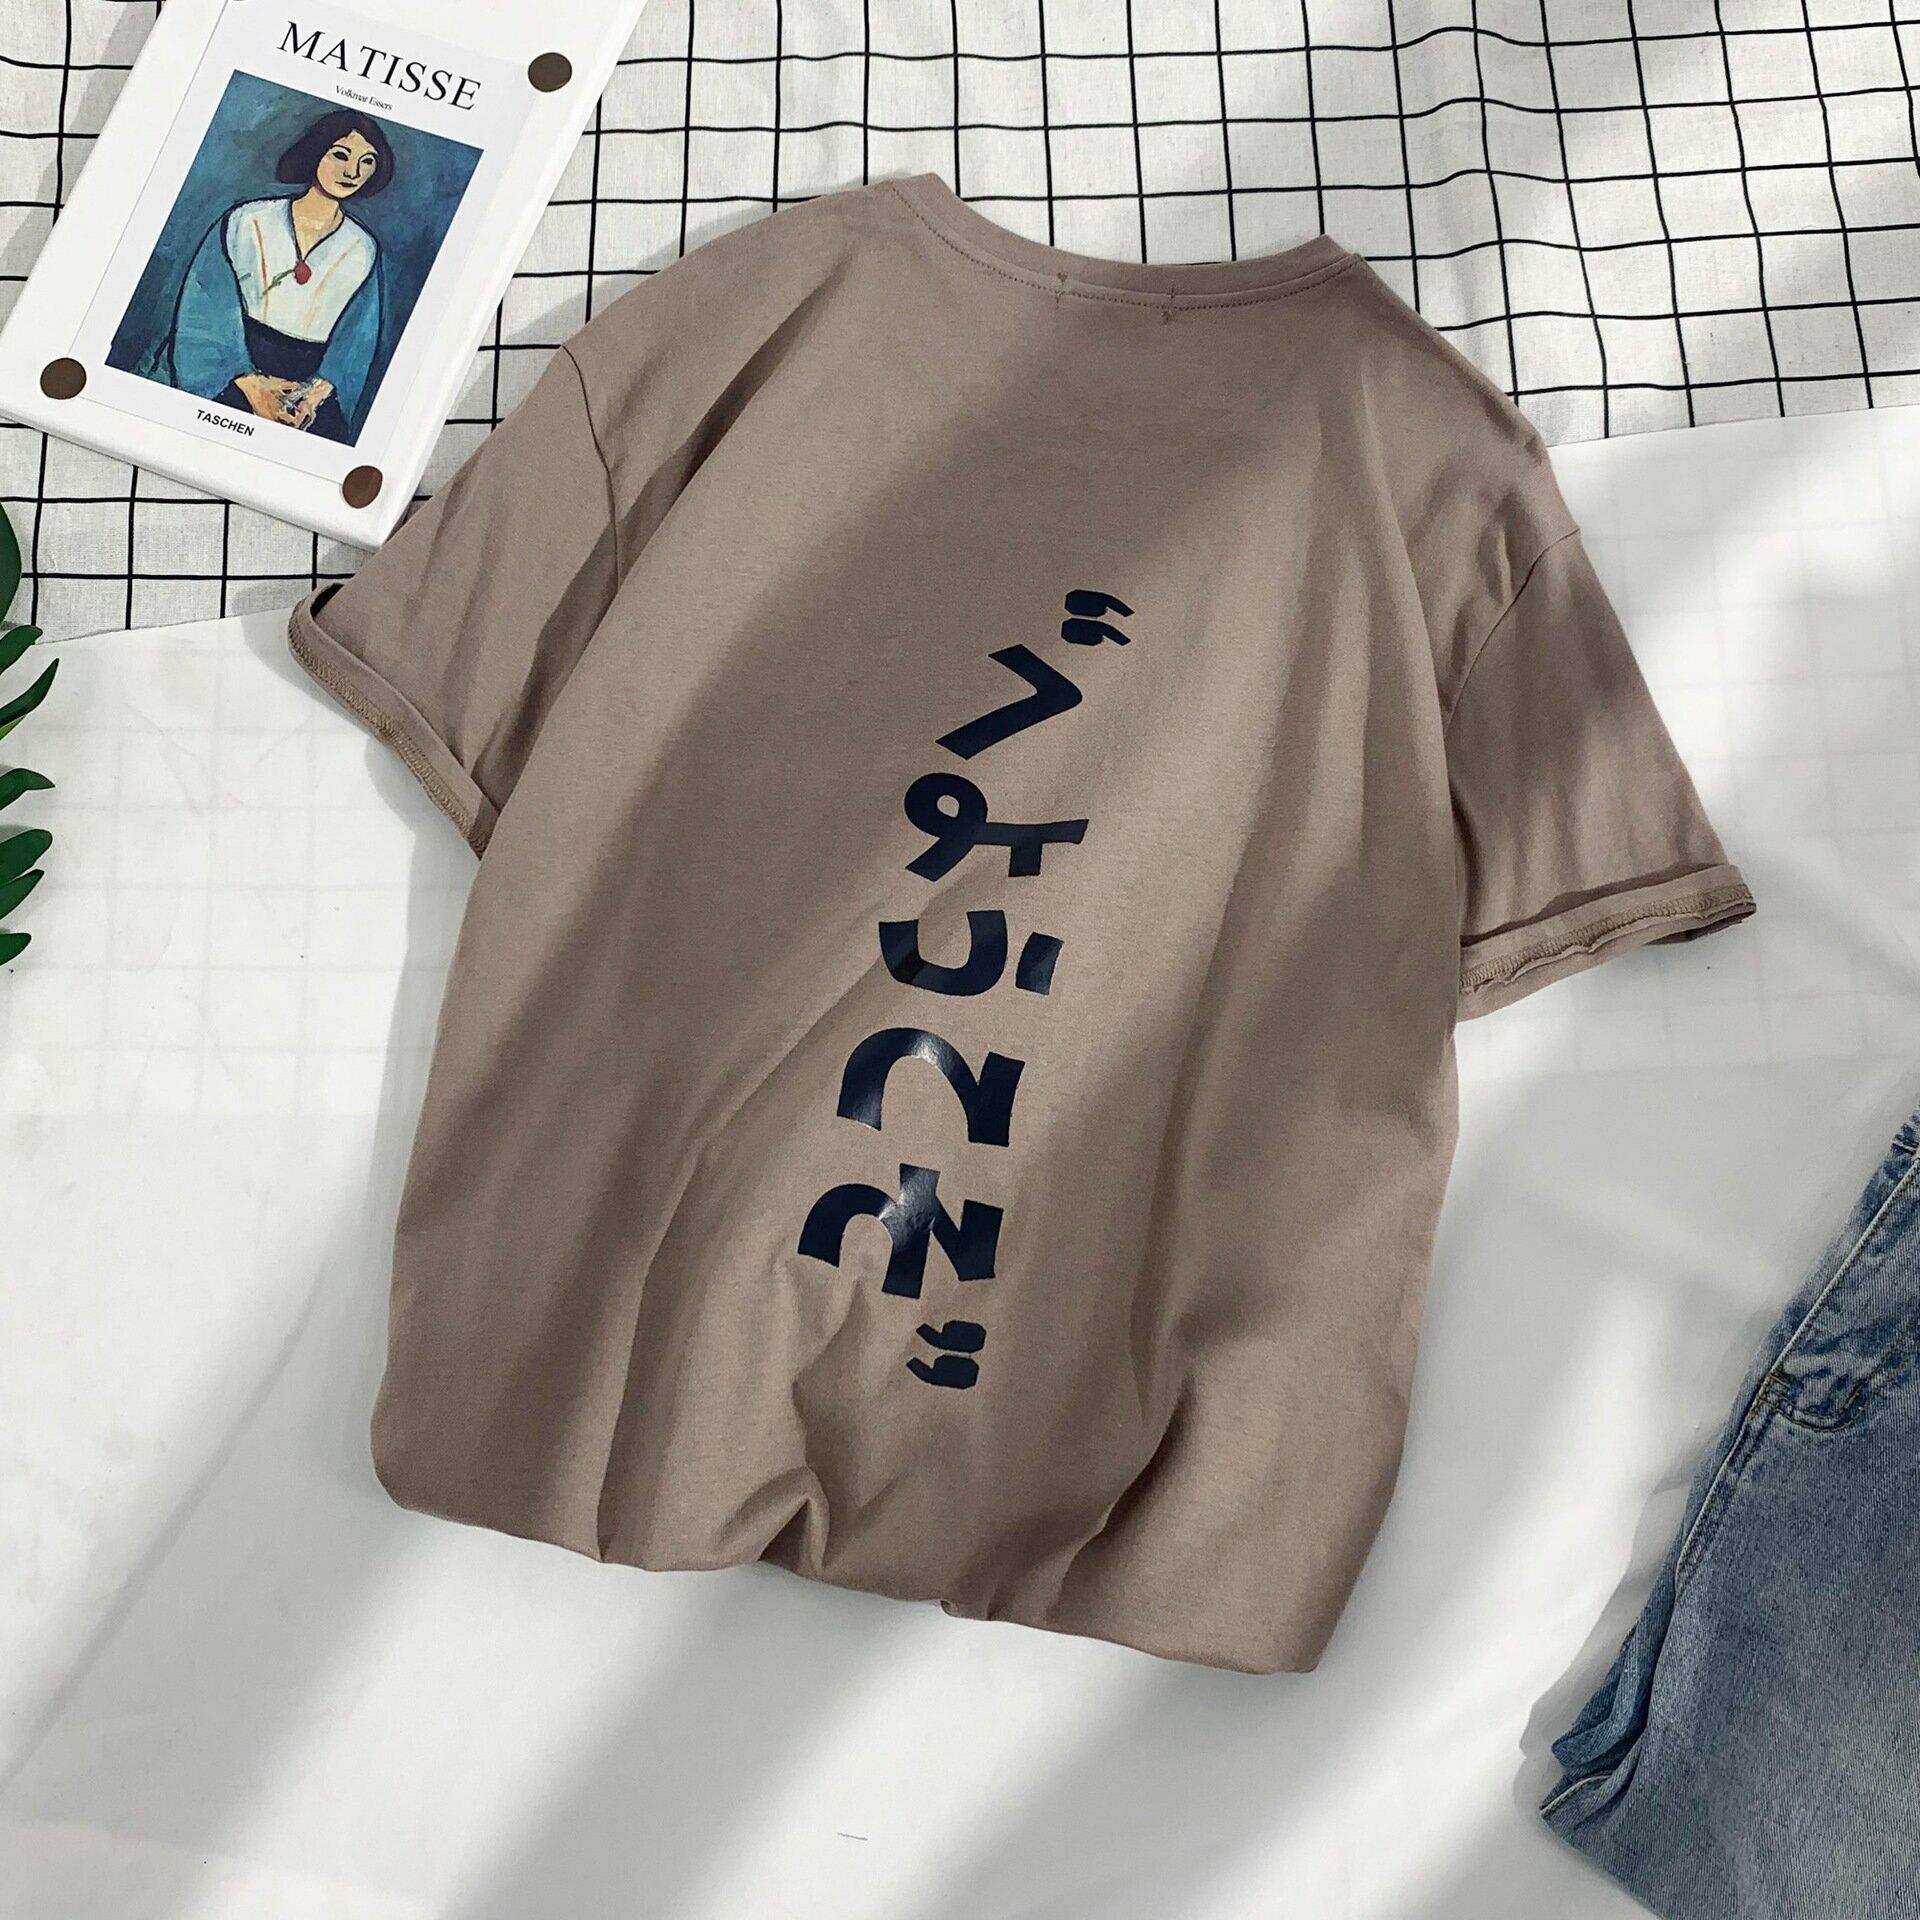 【純棉】男式短袖t恤港風潮流印花中大尺碼寬鬆百搭多色男式t恤